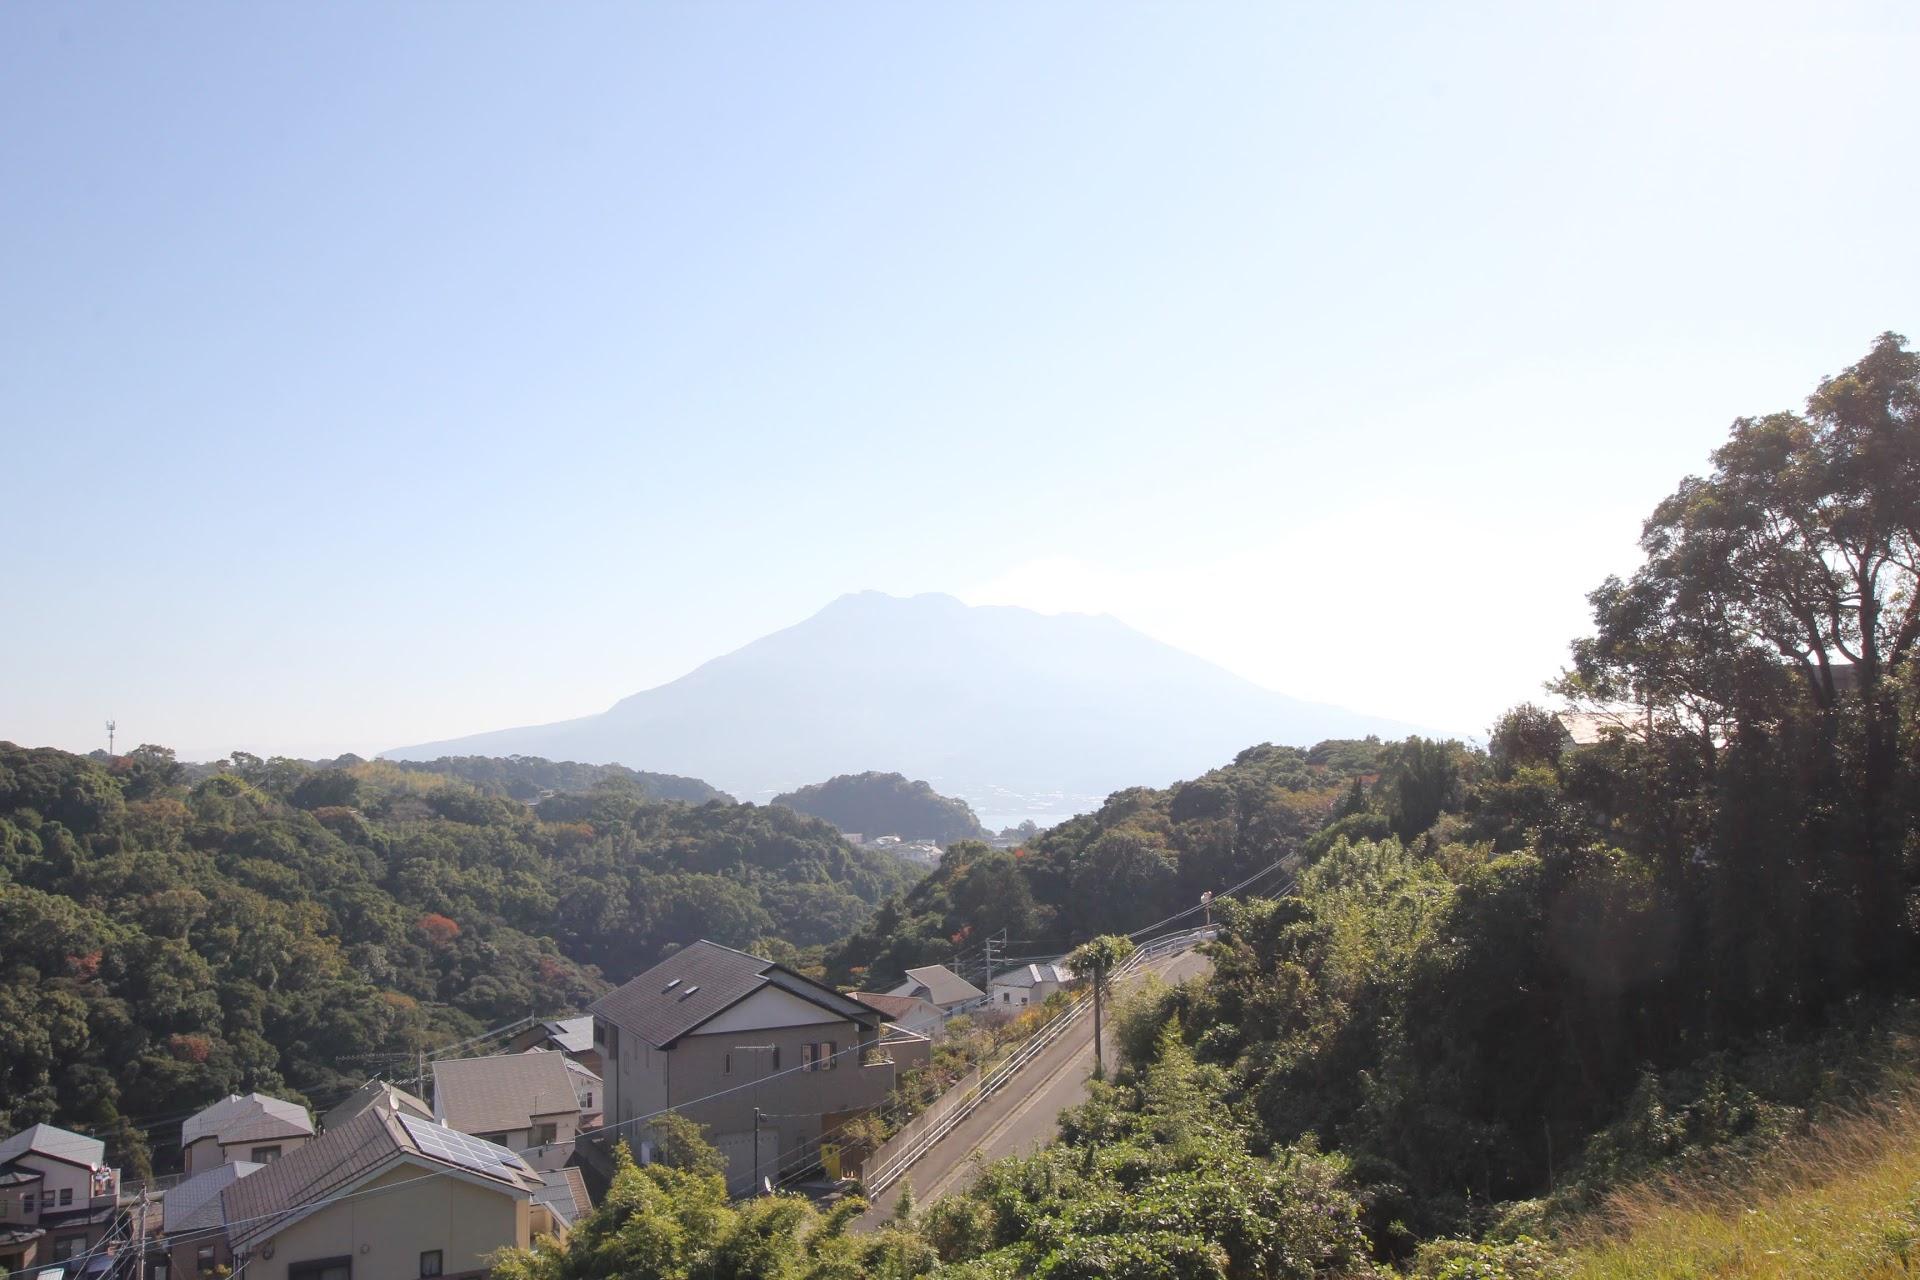 鹿児島東高等学校の正門から望む桜島